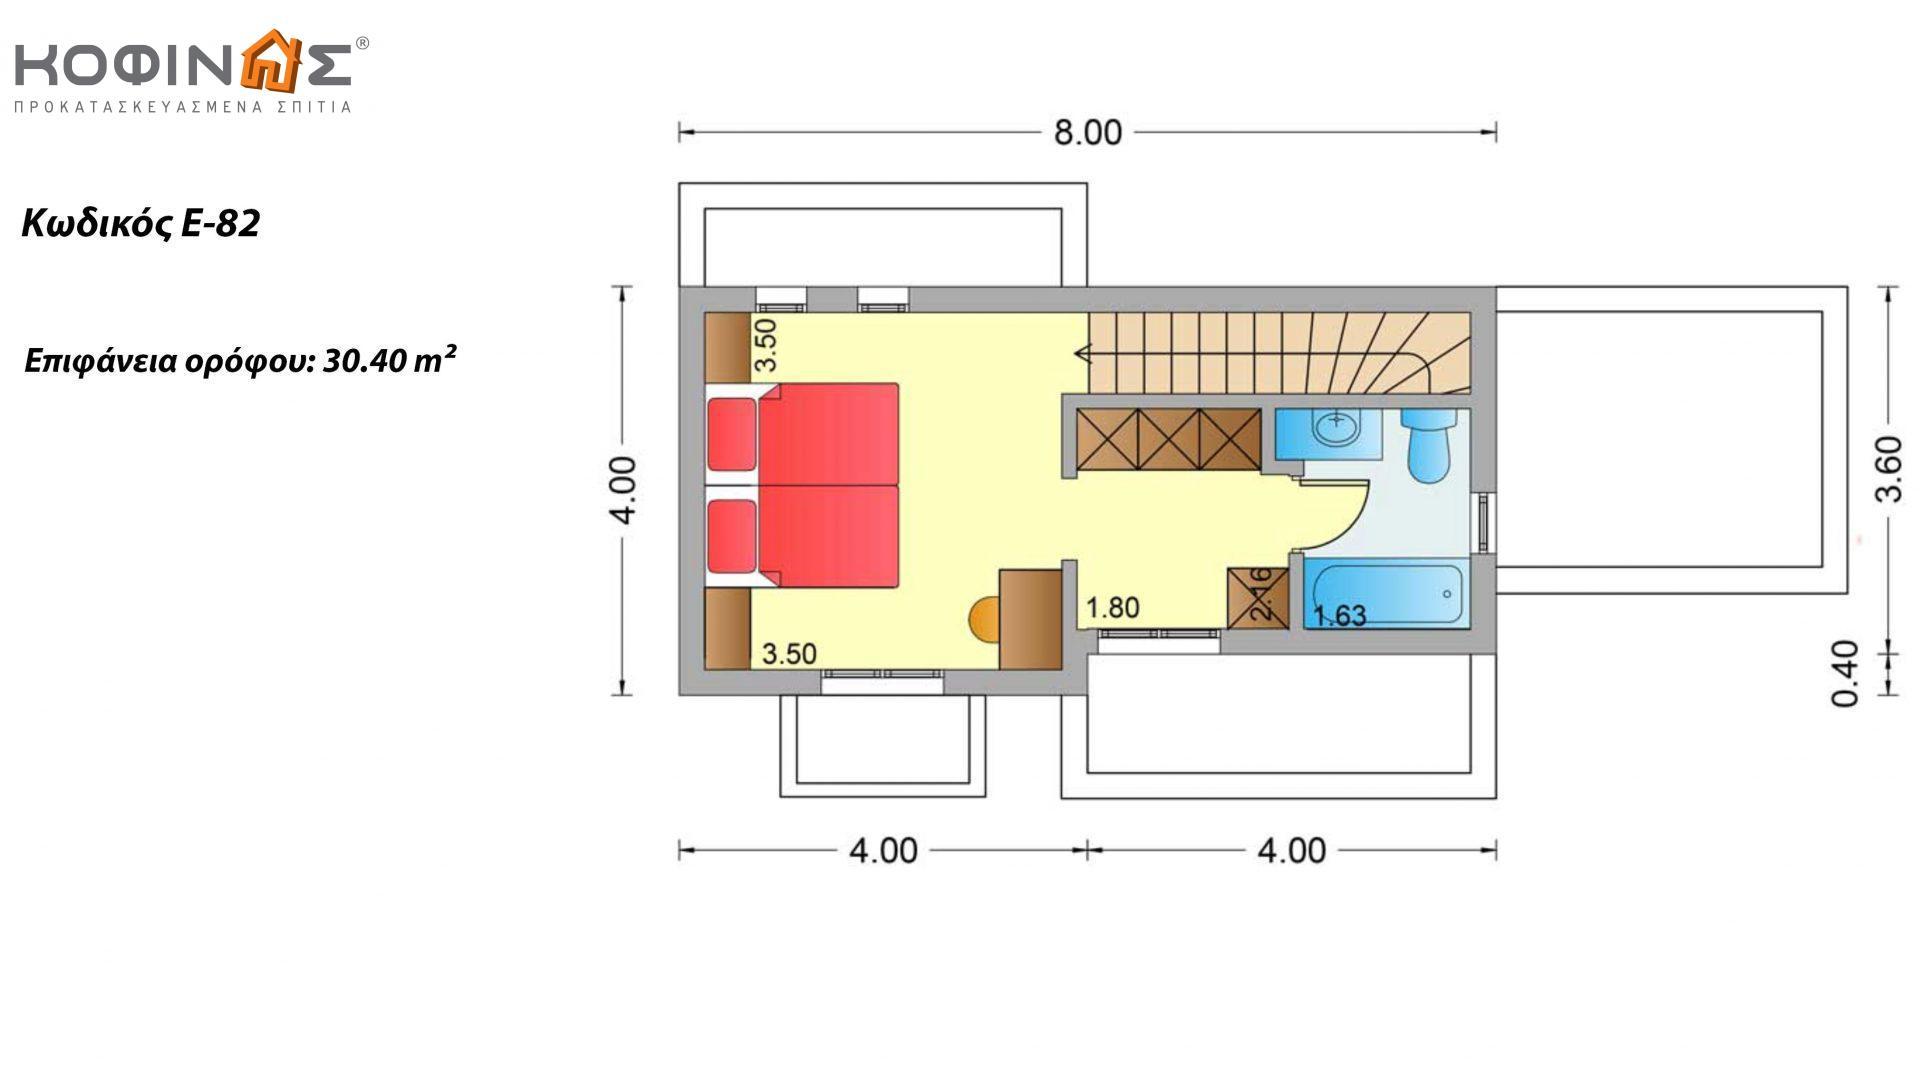 Διώροφη Κατοικία E-82, συνολικής επιφάνειας 82,30 τ.μ., στεγασμένοι χώροι 2.00 m²